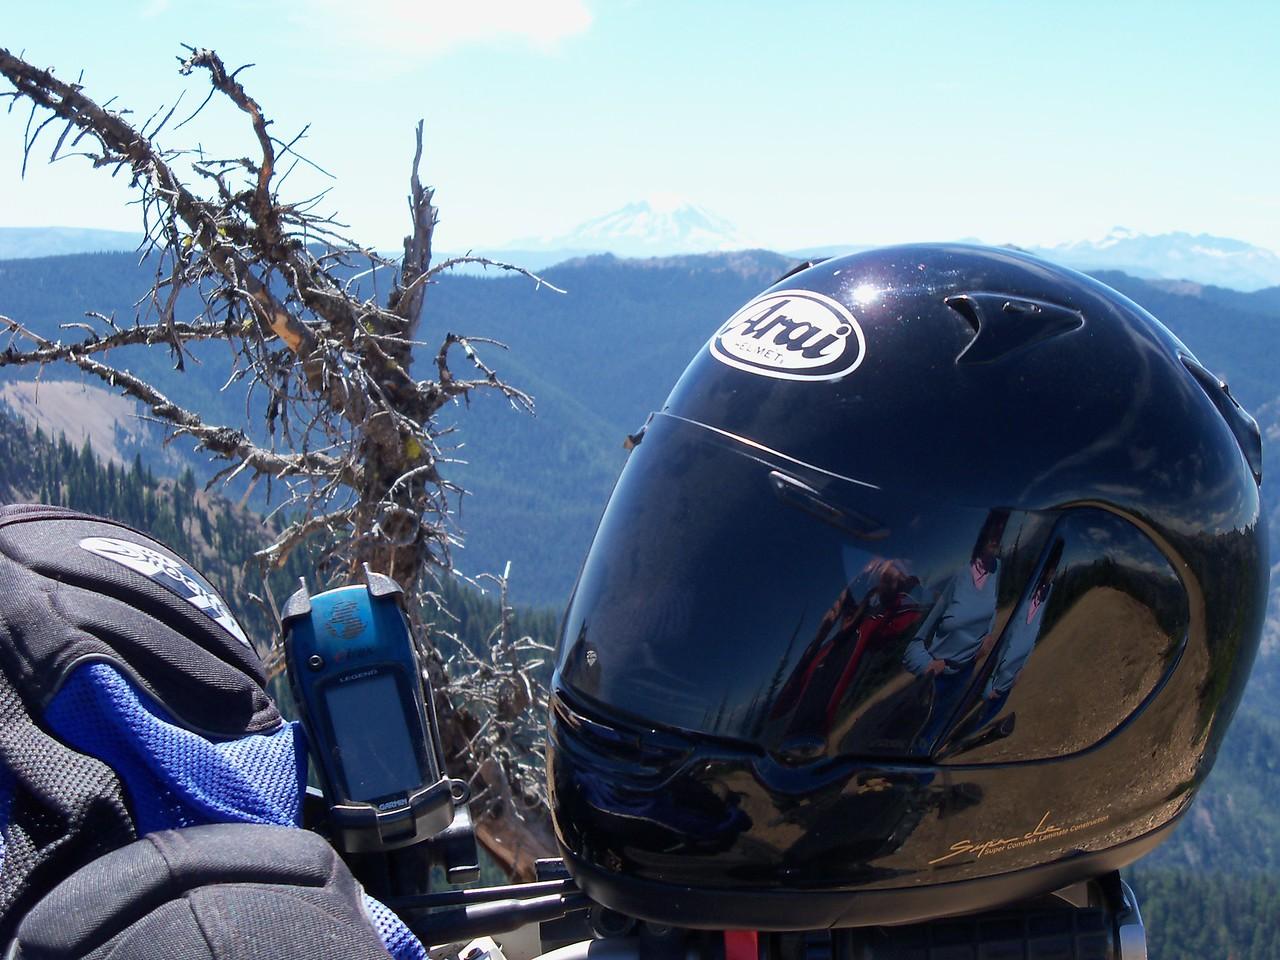 Helmet reflection in Syllvia's Arai.